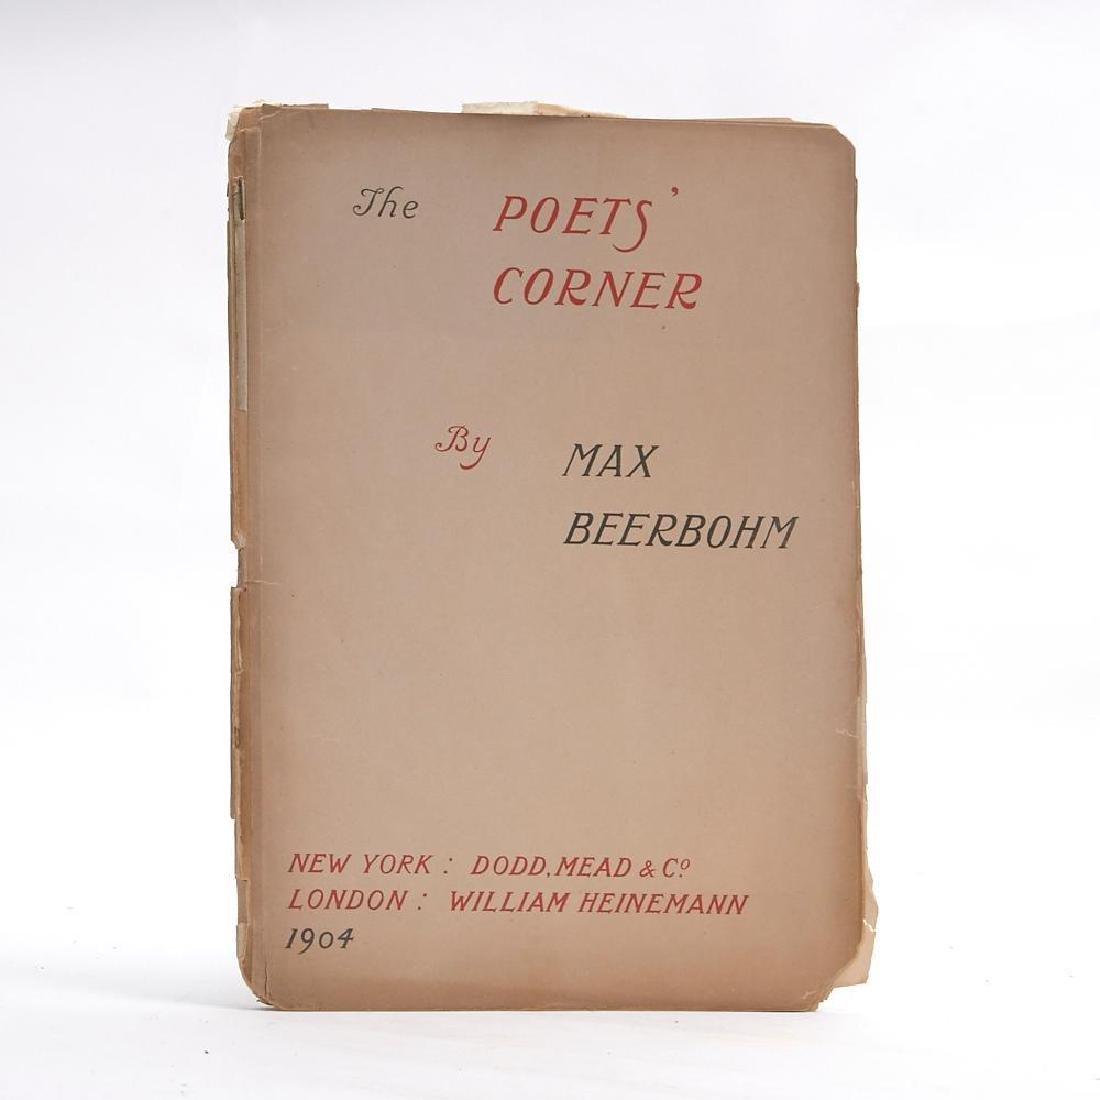 Max Beerbohm, The Poets Corner